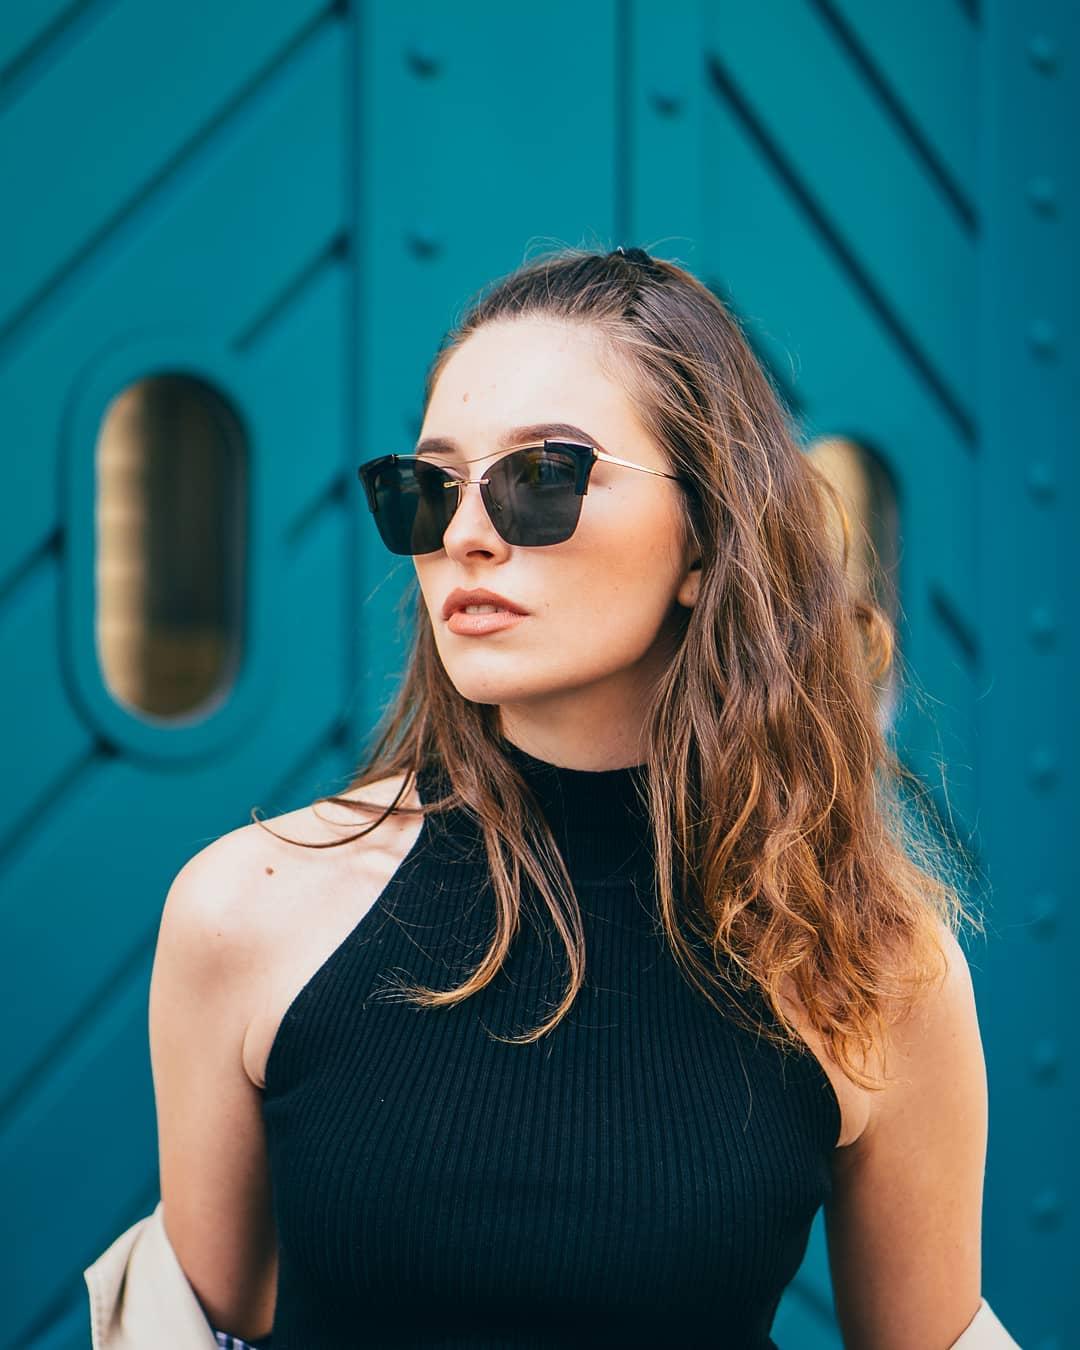 Brýle #Prada to je kombinace krásy, luxusu a elegance. Troufnete si na ně? . . . #slunecnibryle #vasecocky #sunglasses #dnesnosim